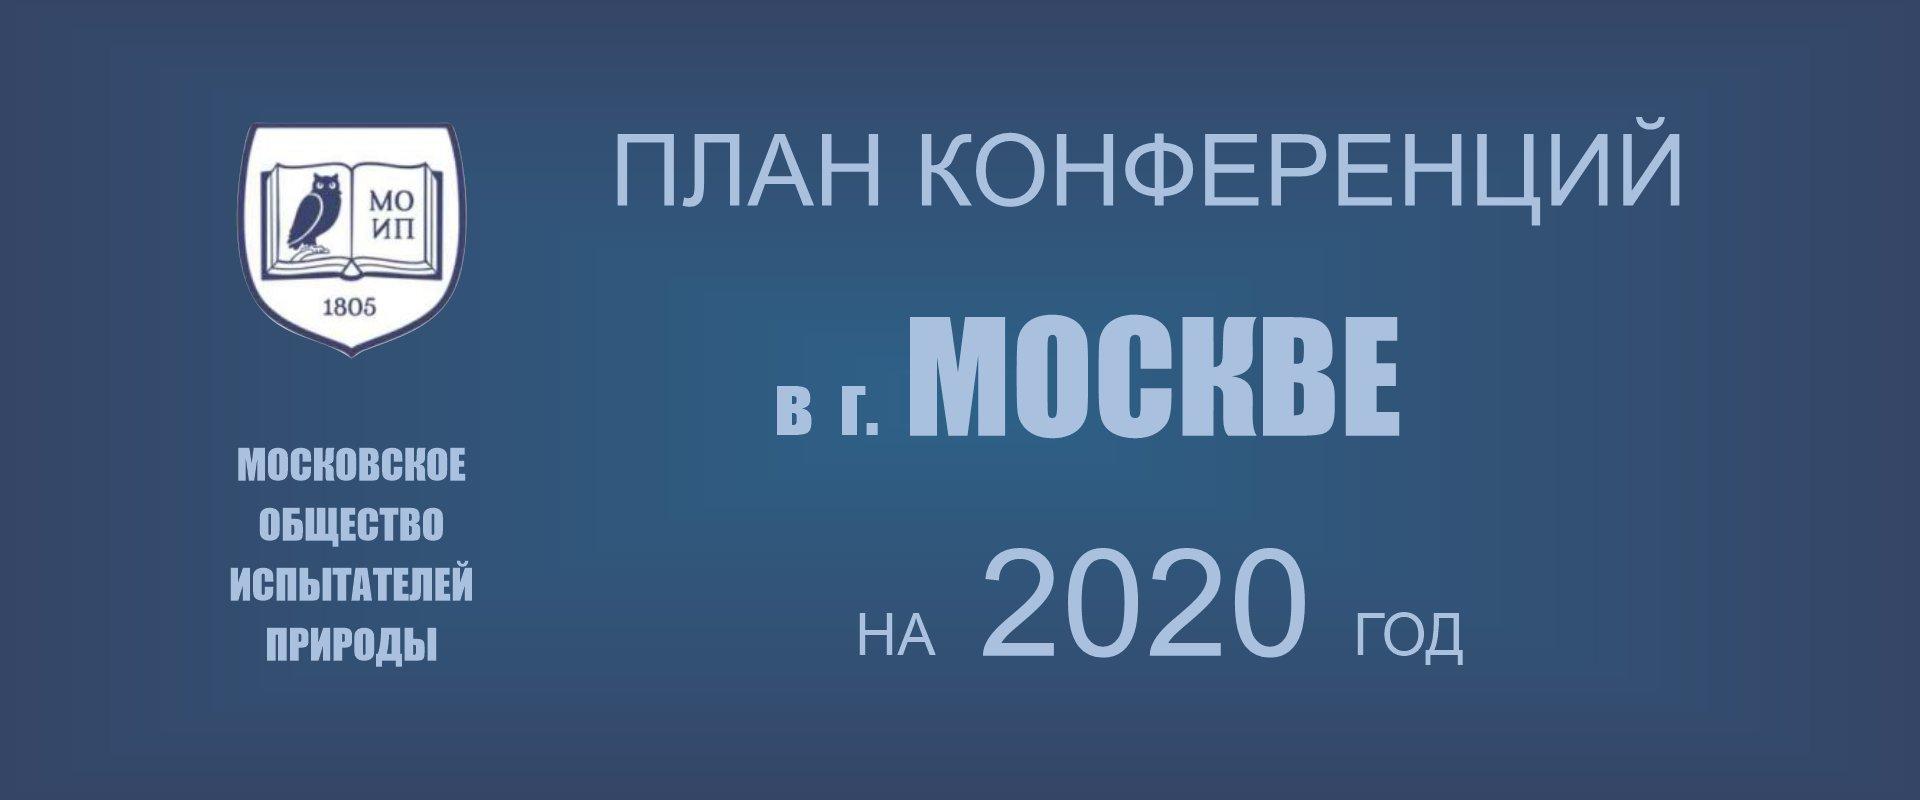 План участия МОИП в московских конференциях в 2020 году